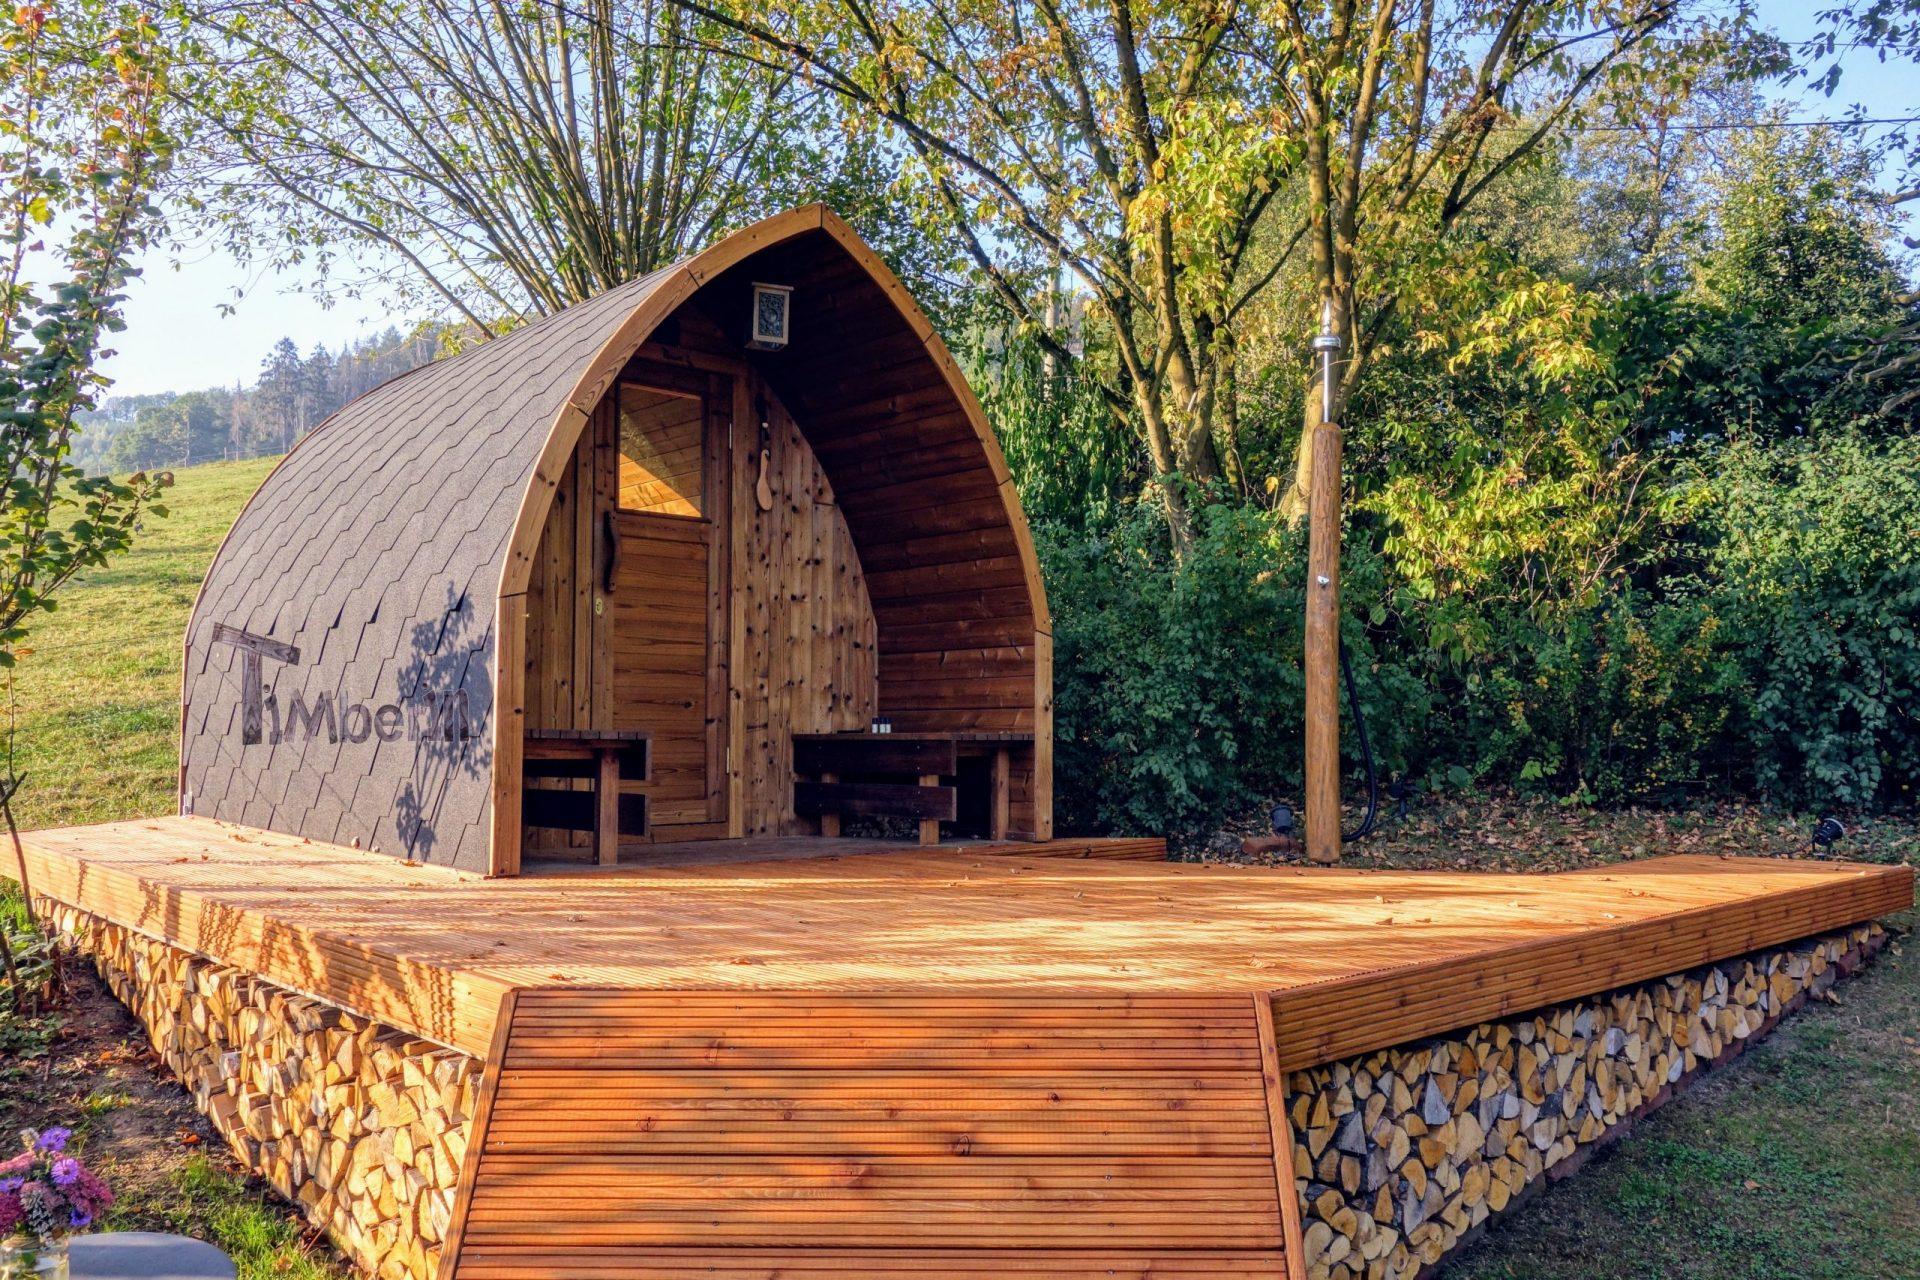 Aussensauna Gartensauna Iglu Pod mit Holzofen Elektrisch 3 scaled